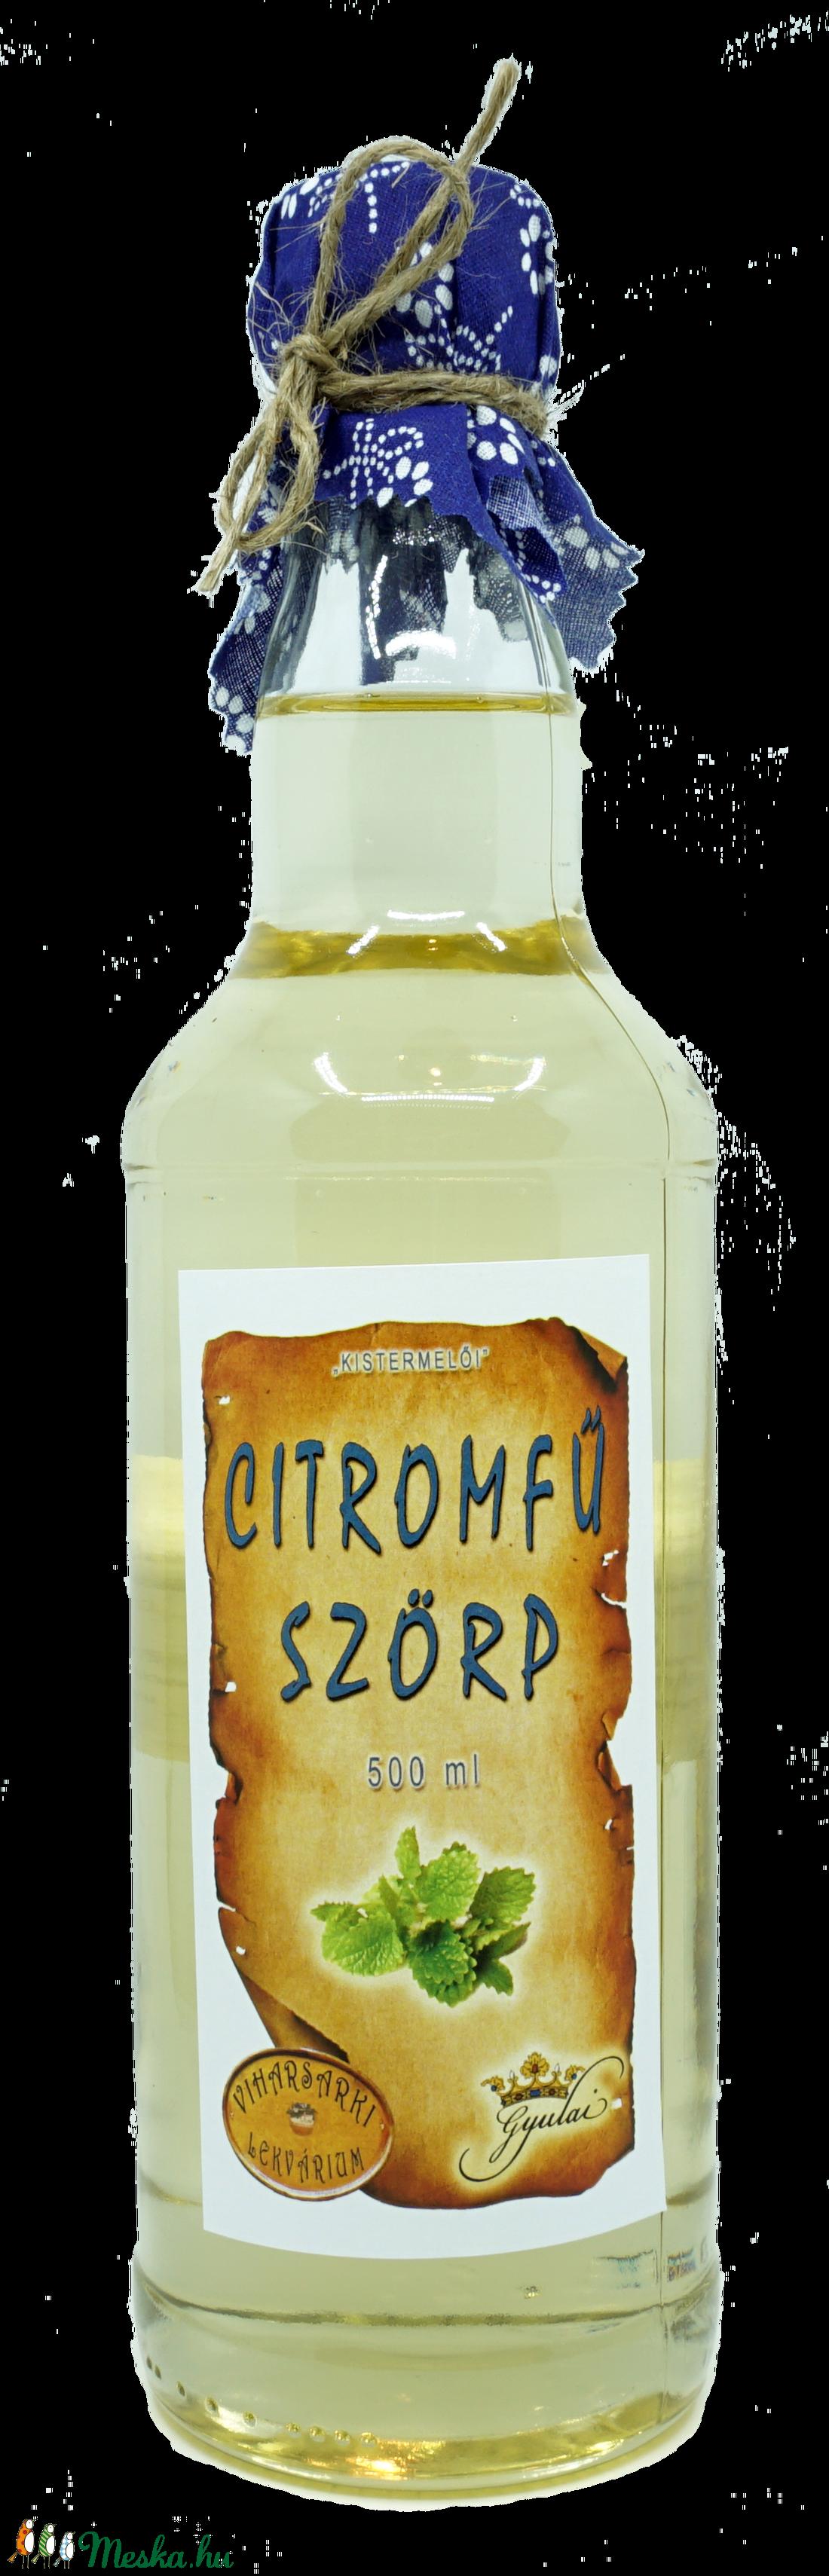 Citromfű szörp (500 ml) (viharsarkilekvariu) - Meska.hu